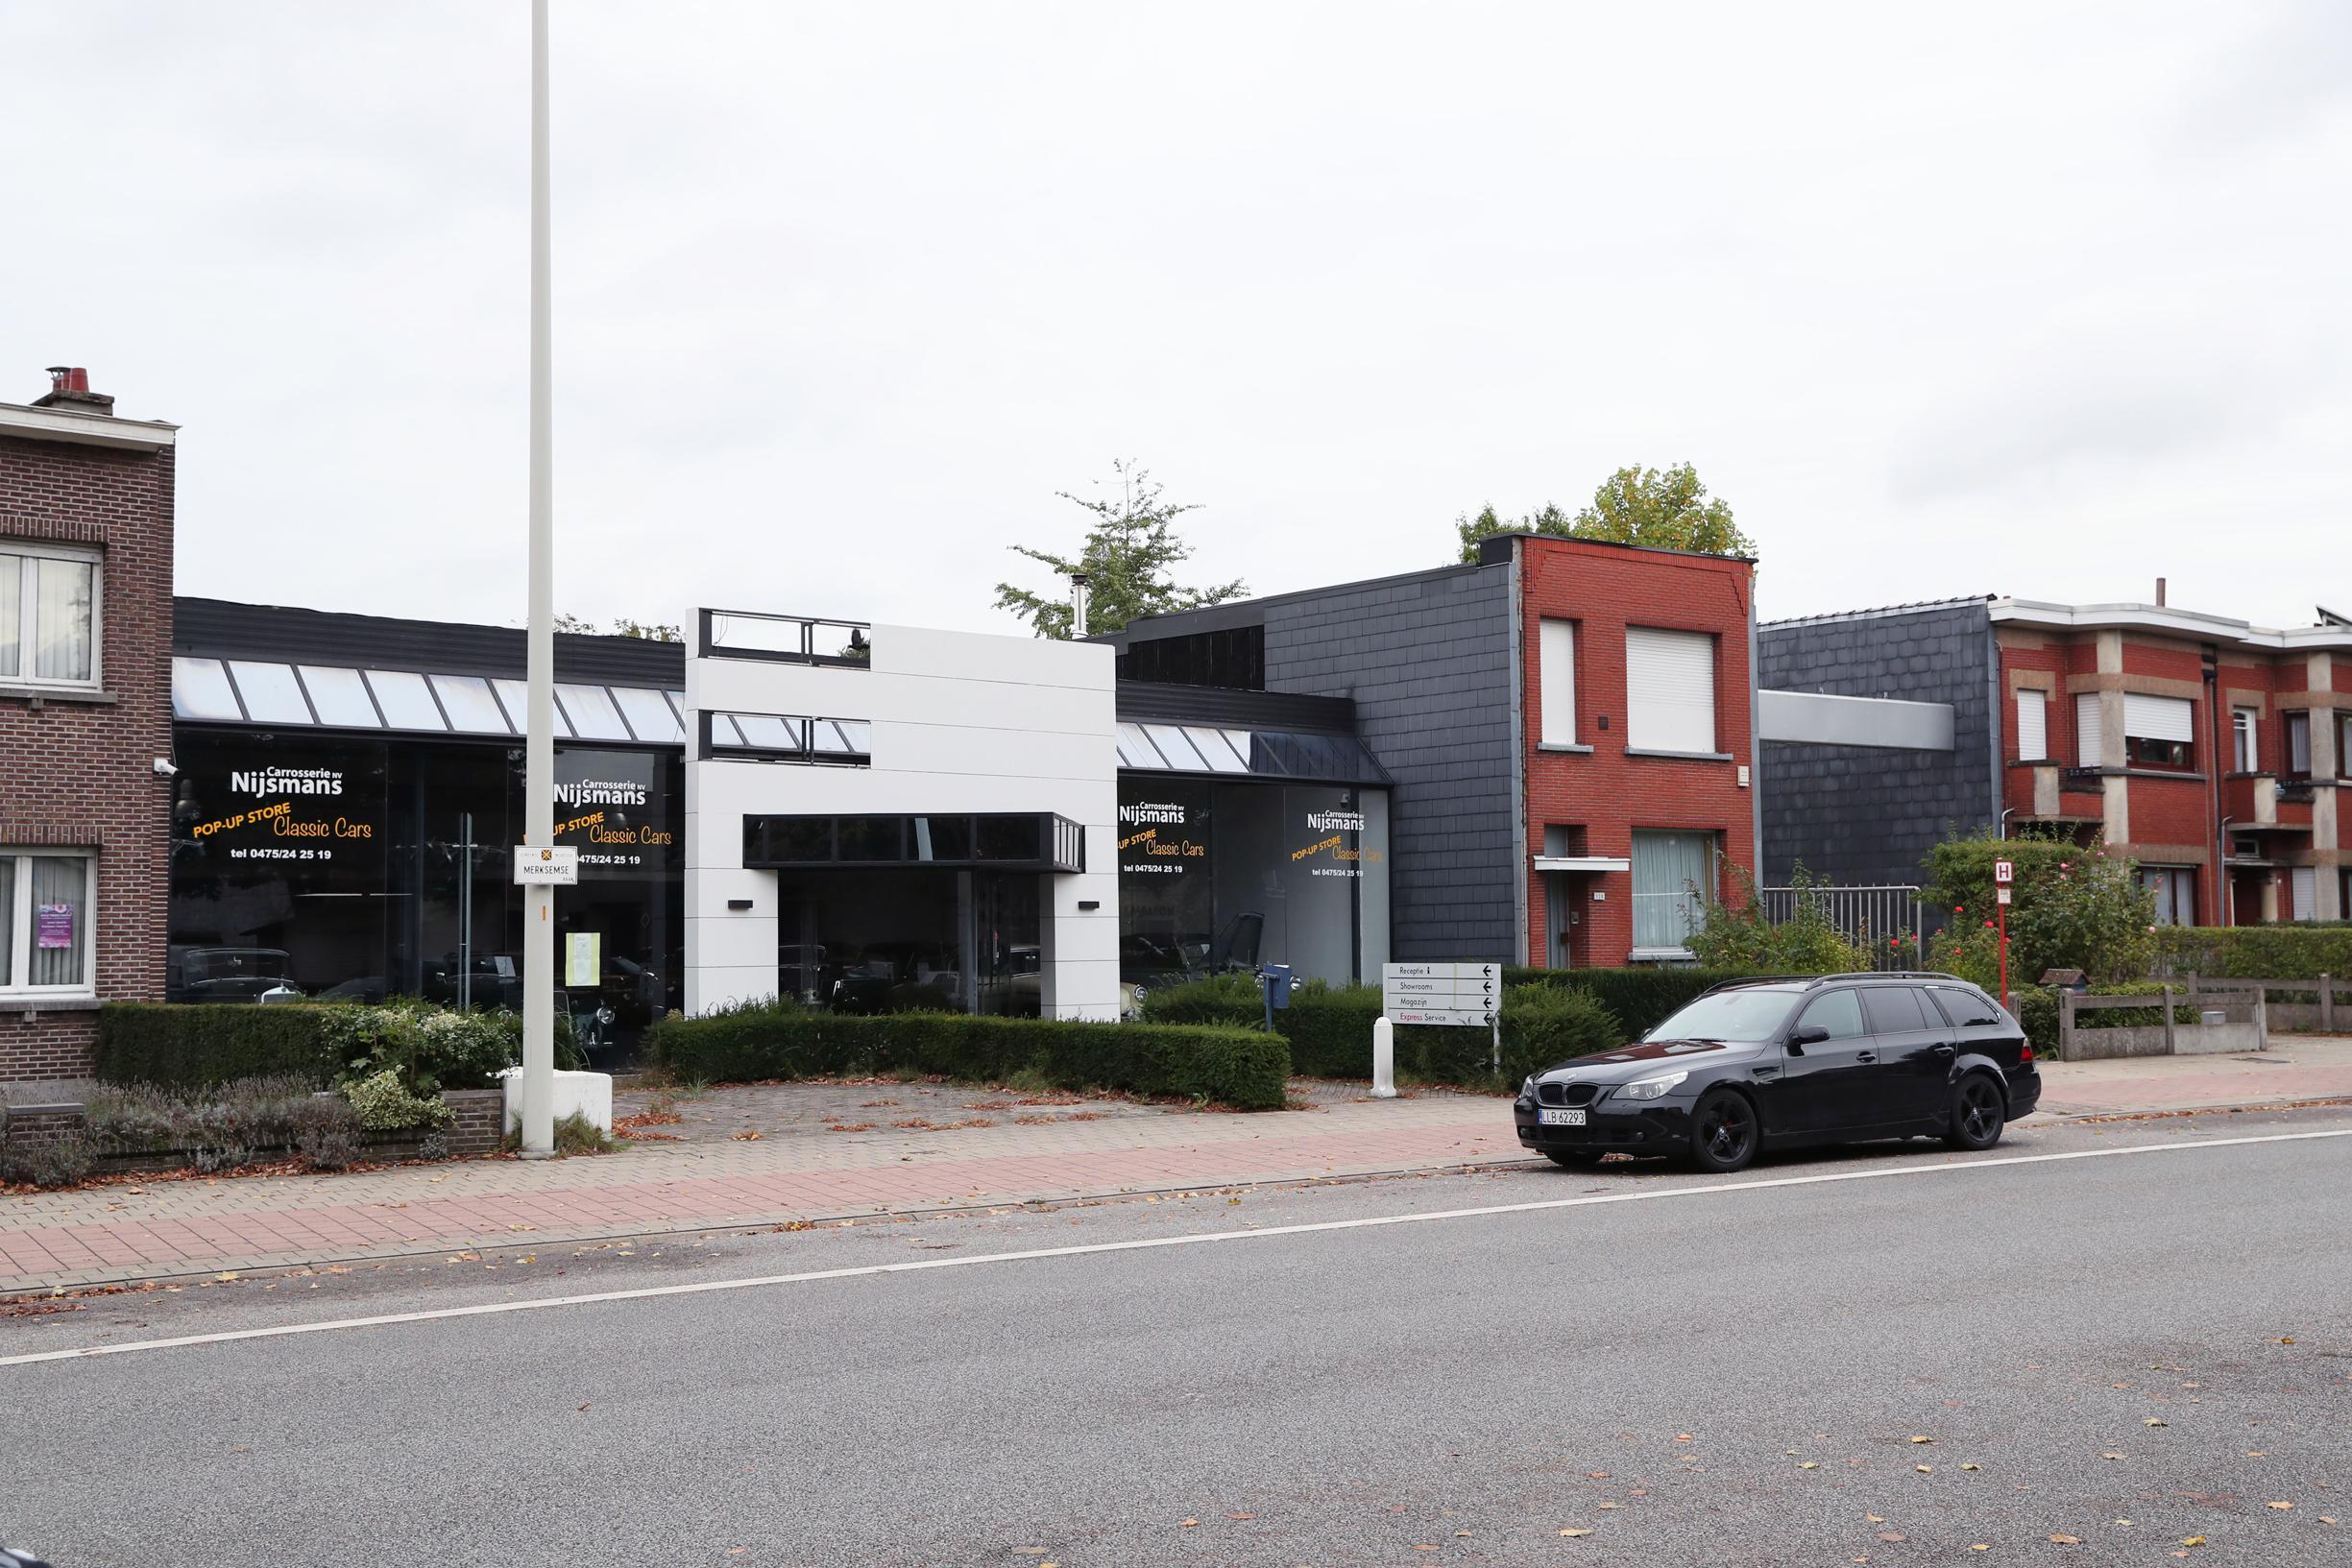 Provincie zet licht op groen voor Kringwinkel in Wijnegem - Het Nieuwsblad